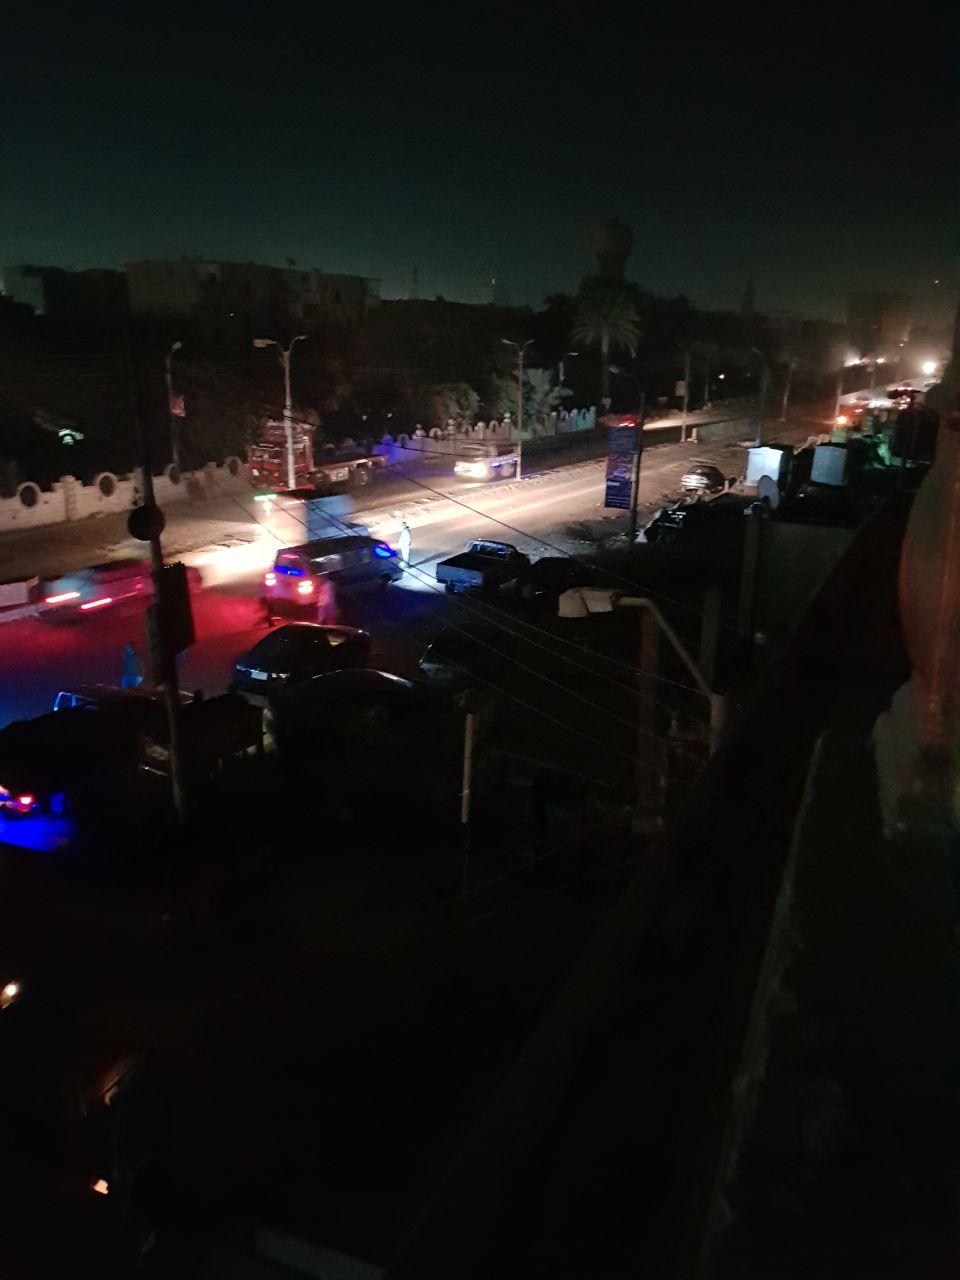 6- ميادين وشوارع مظلمة